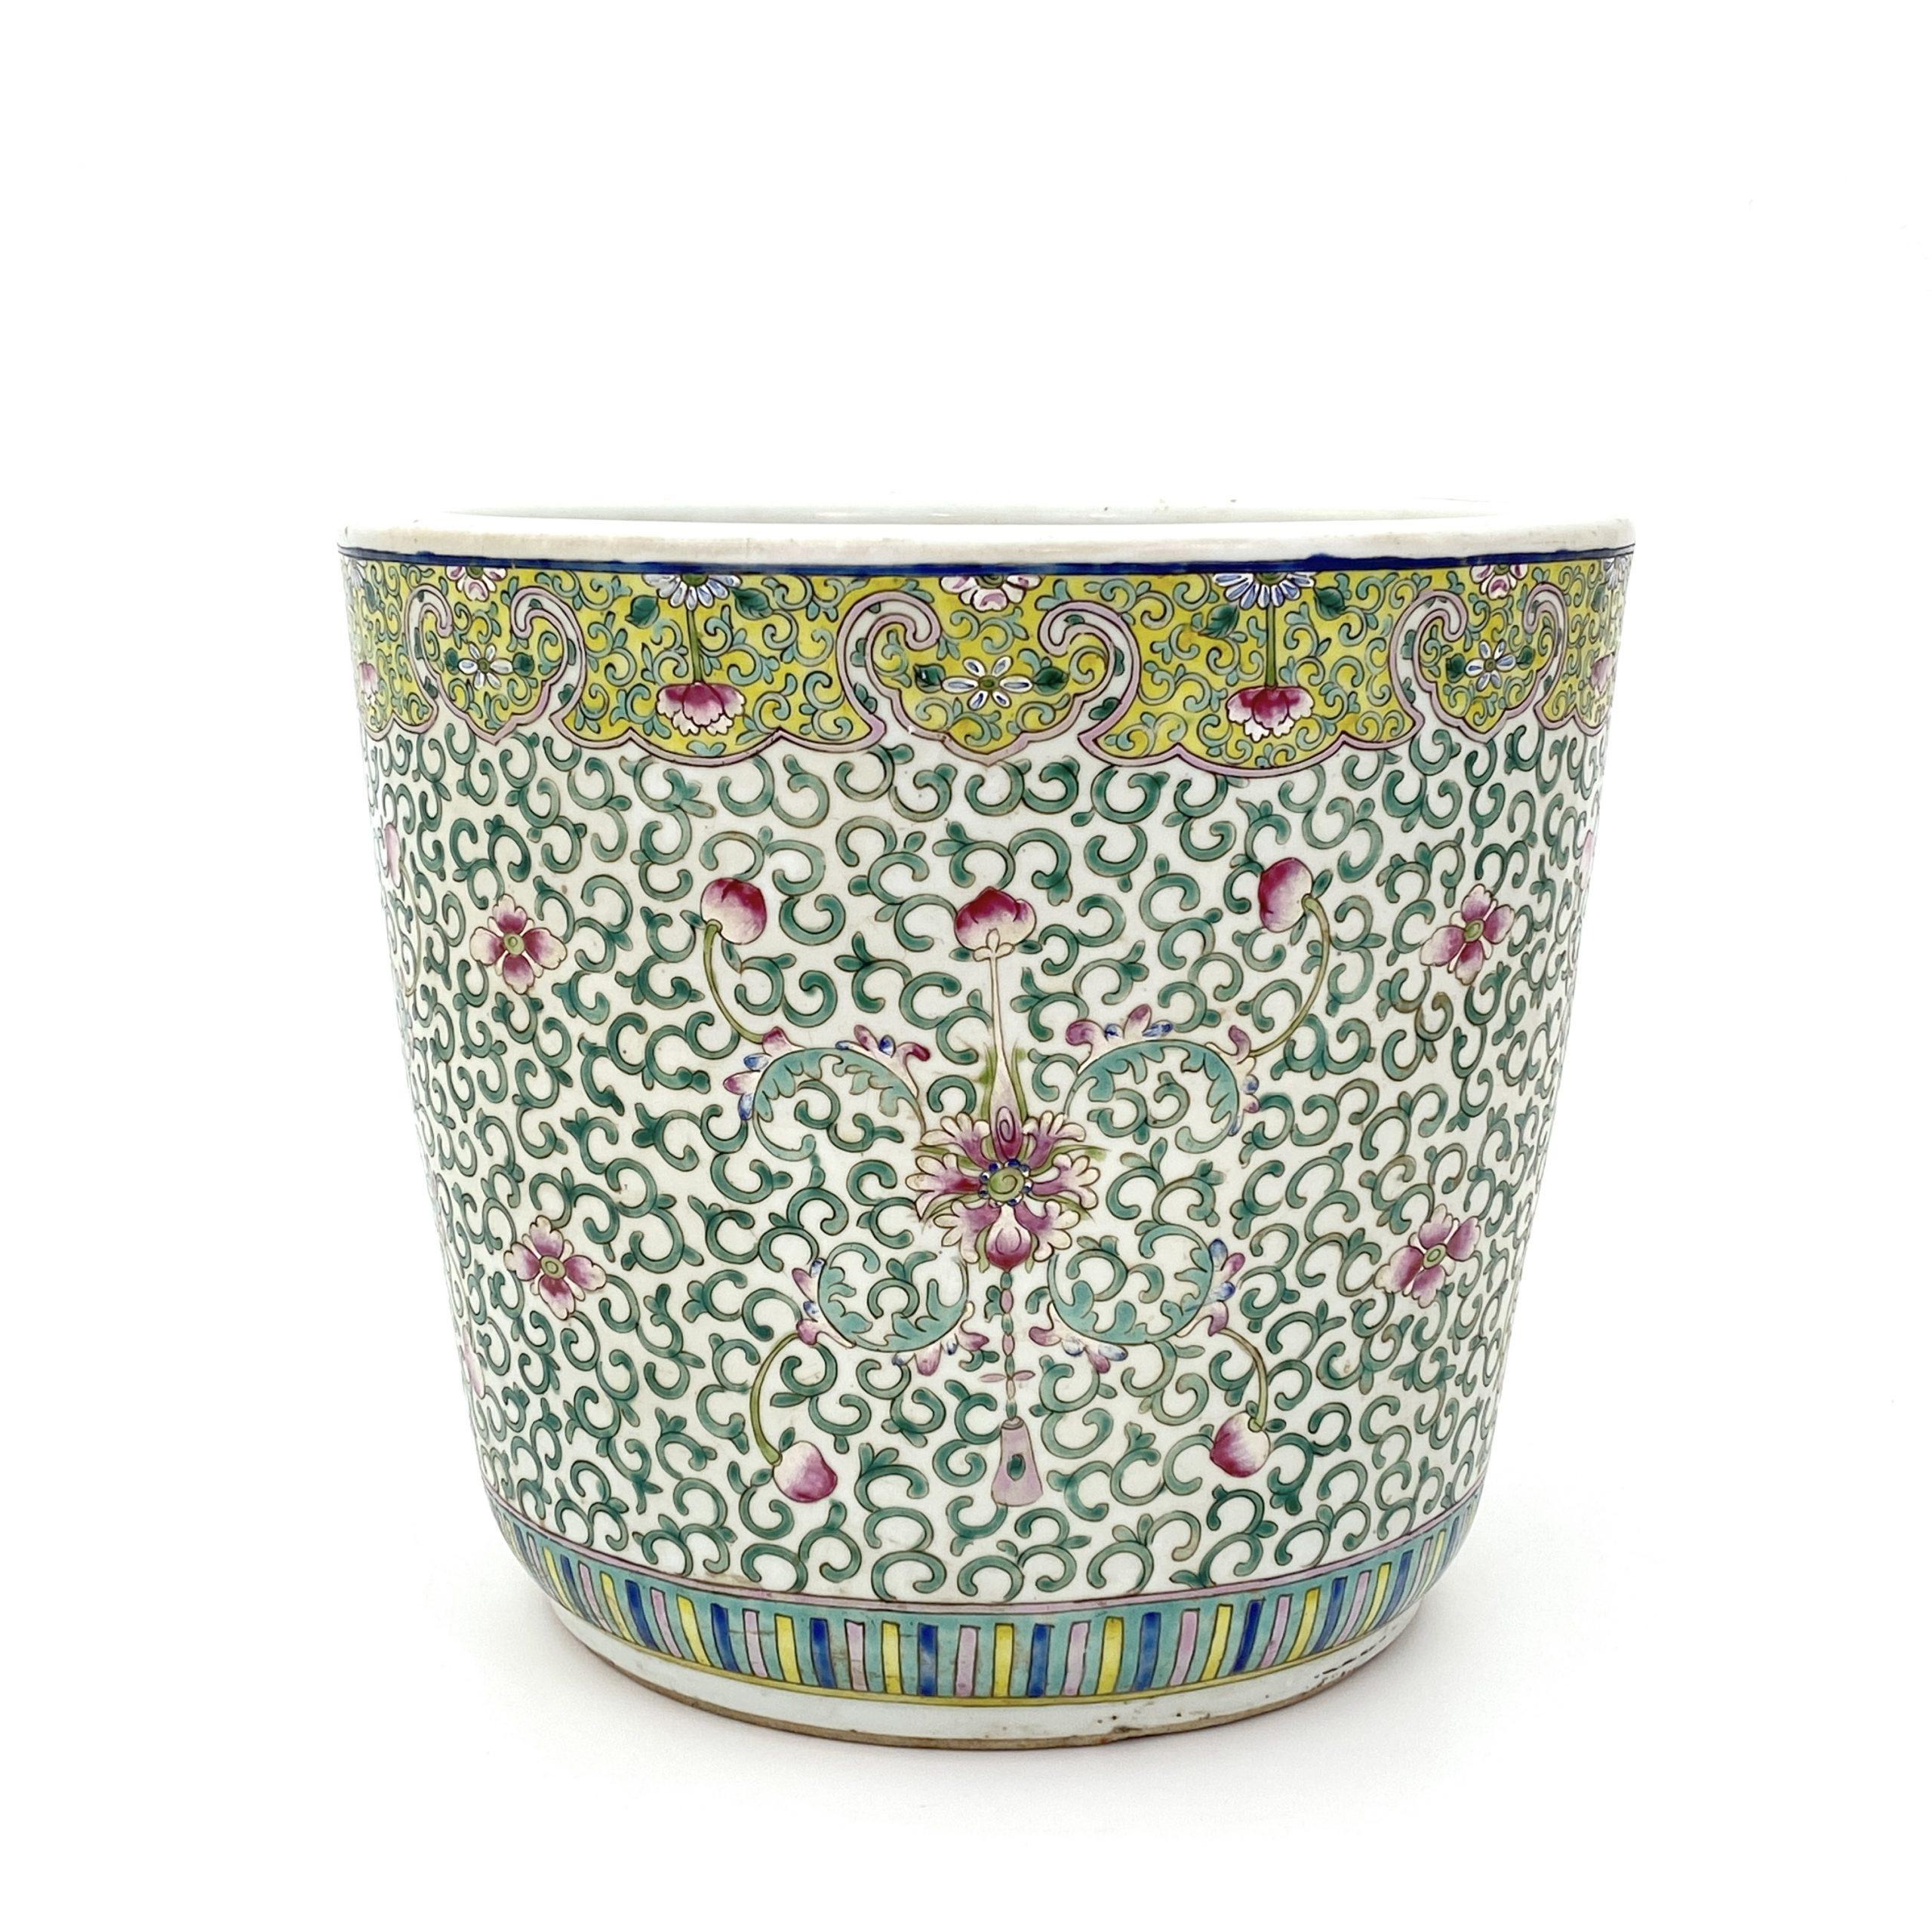 21058粉彩 蓮花紋 水缸